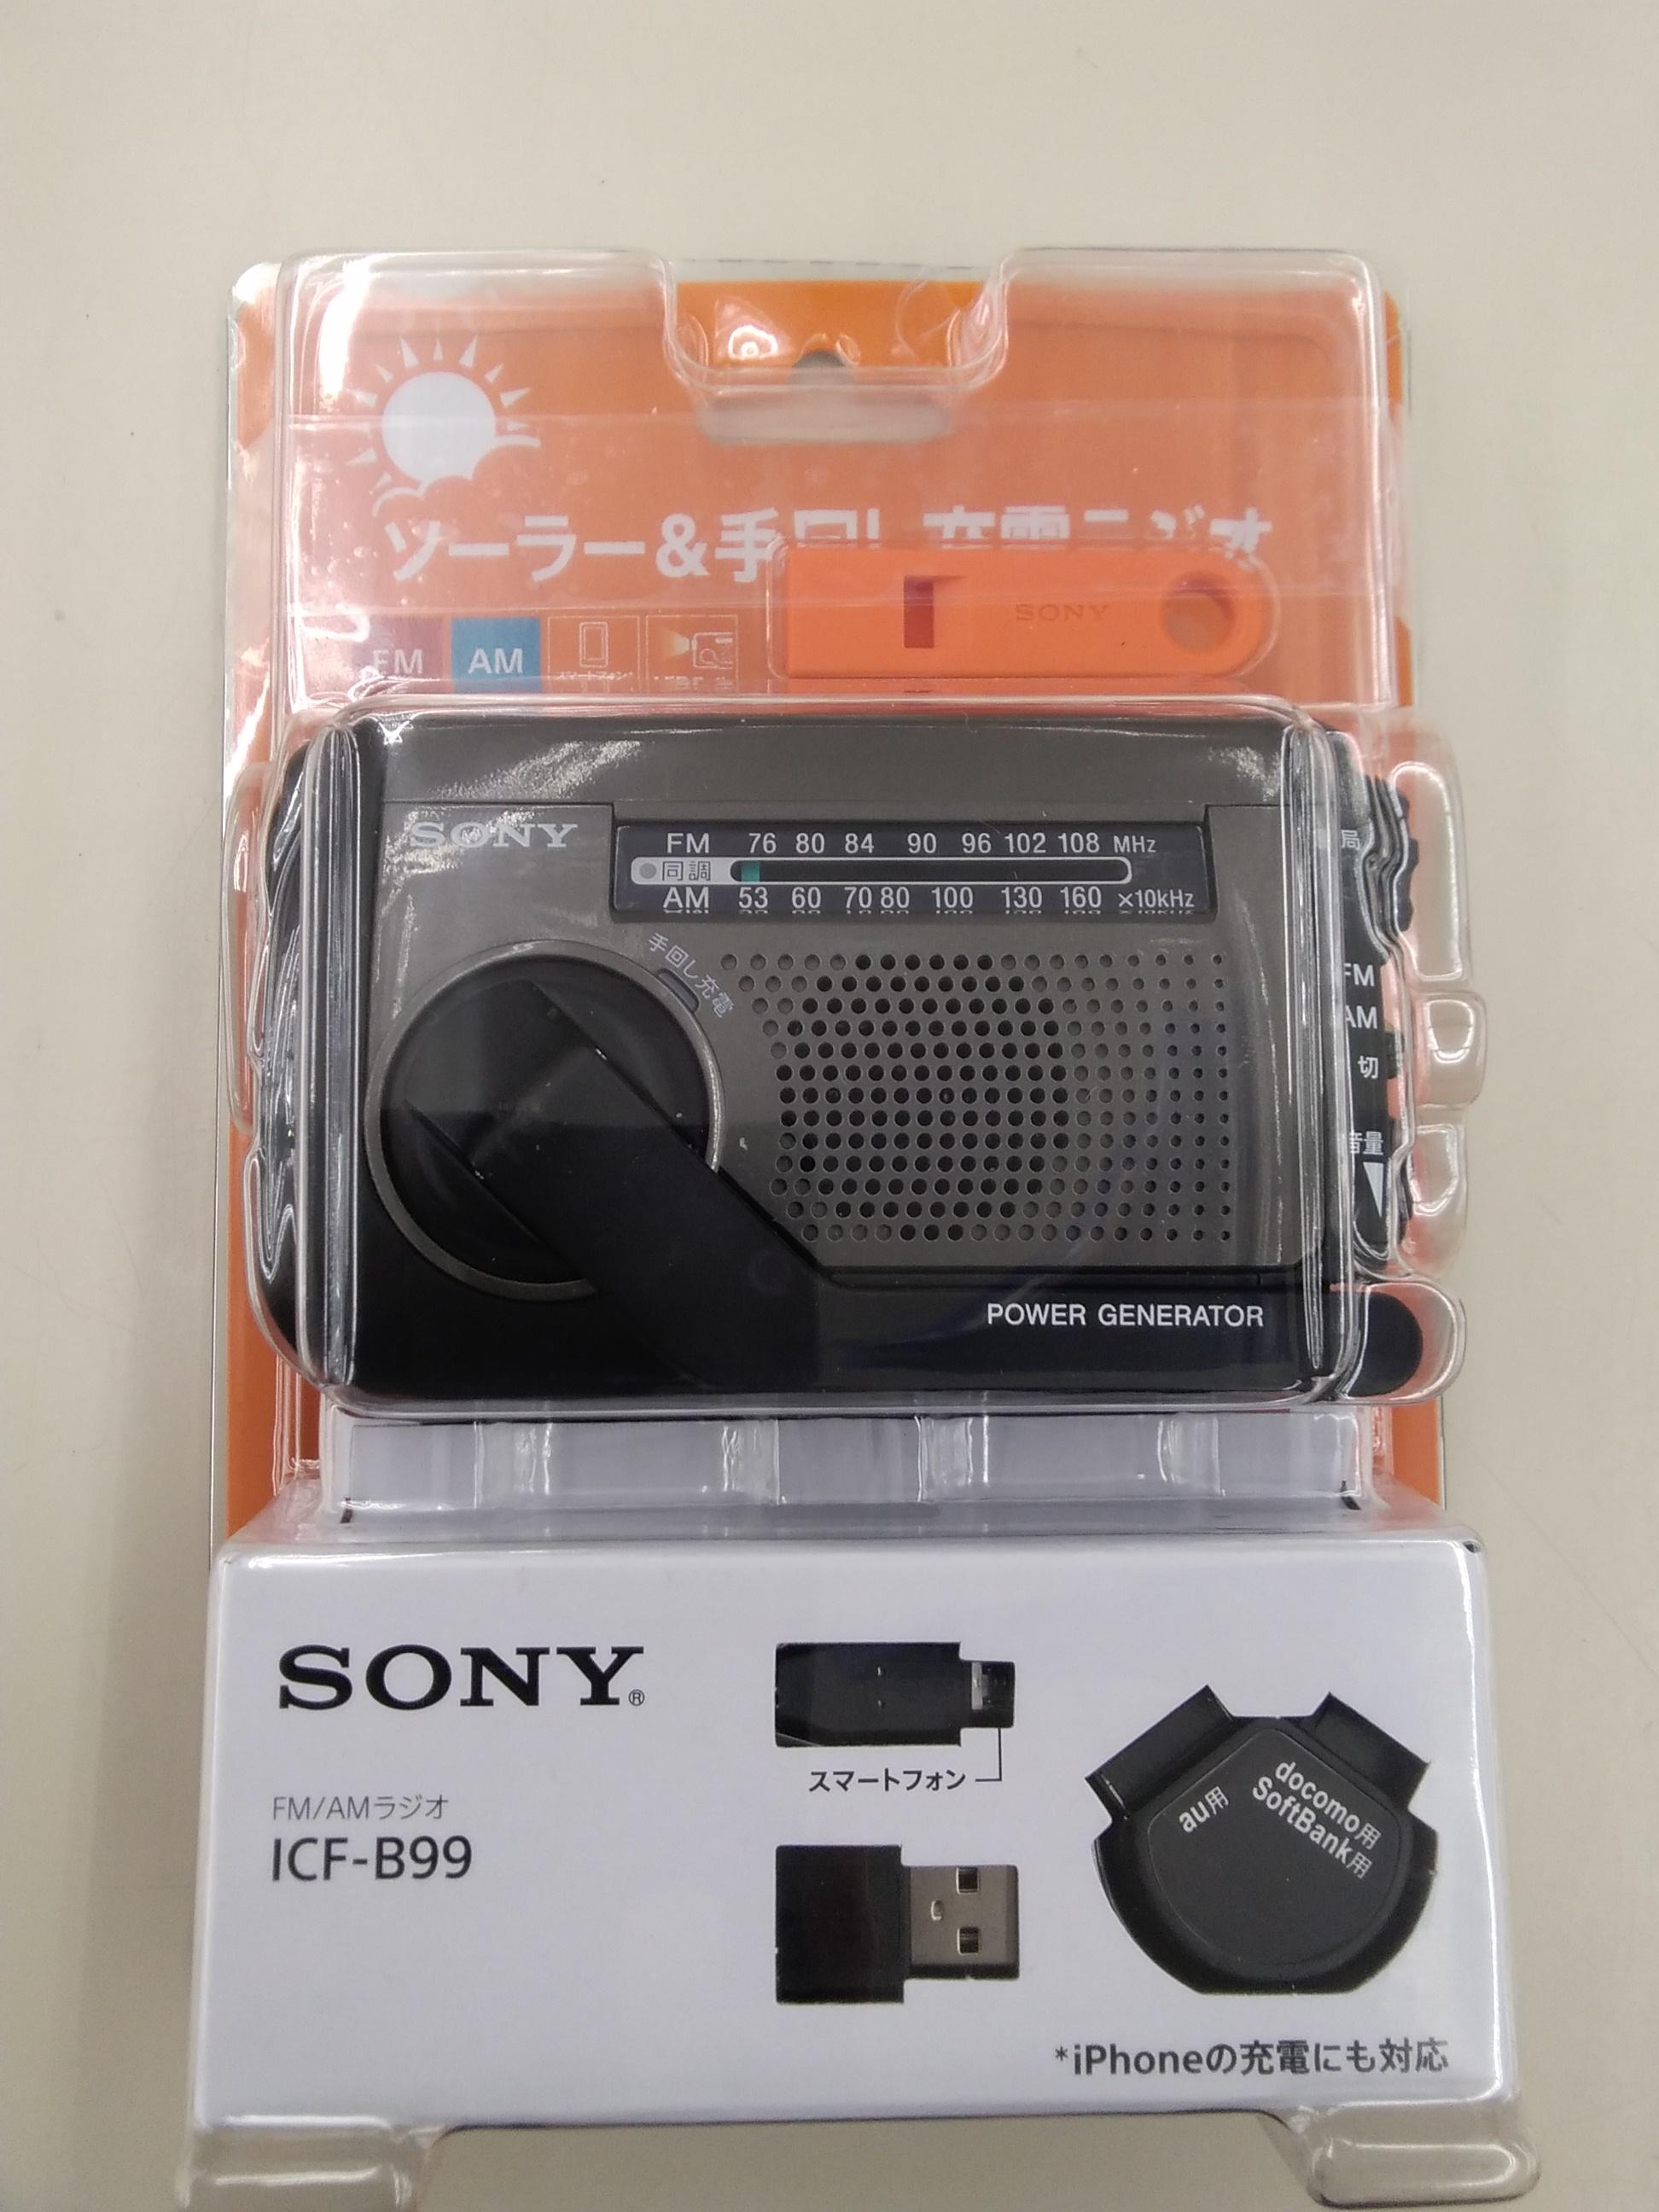 手回し充電ラジオ/SONY ICF-B99|SONY